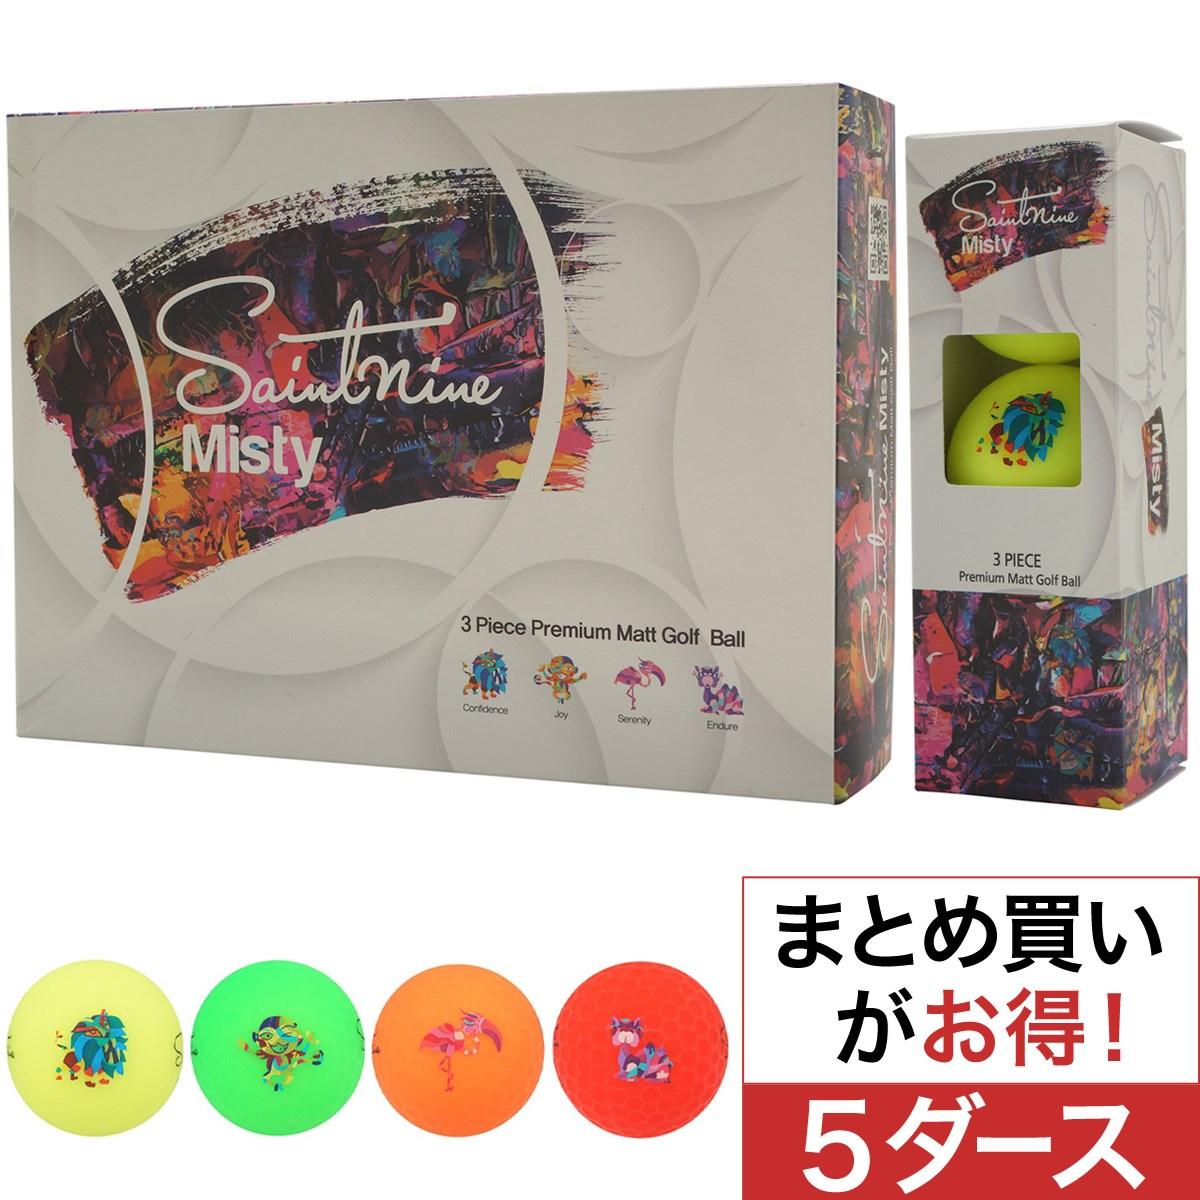 その他メーカー SAINTNINE Misty-Matte ボール 5ダースセット【非公認球】